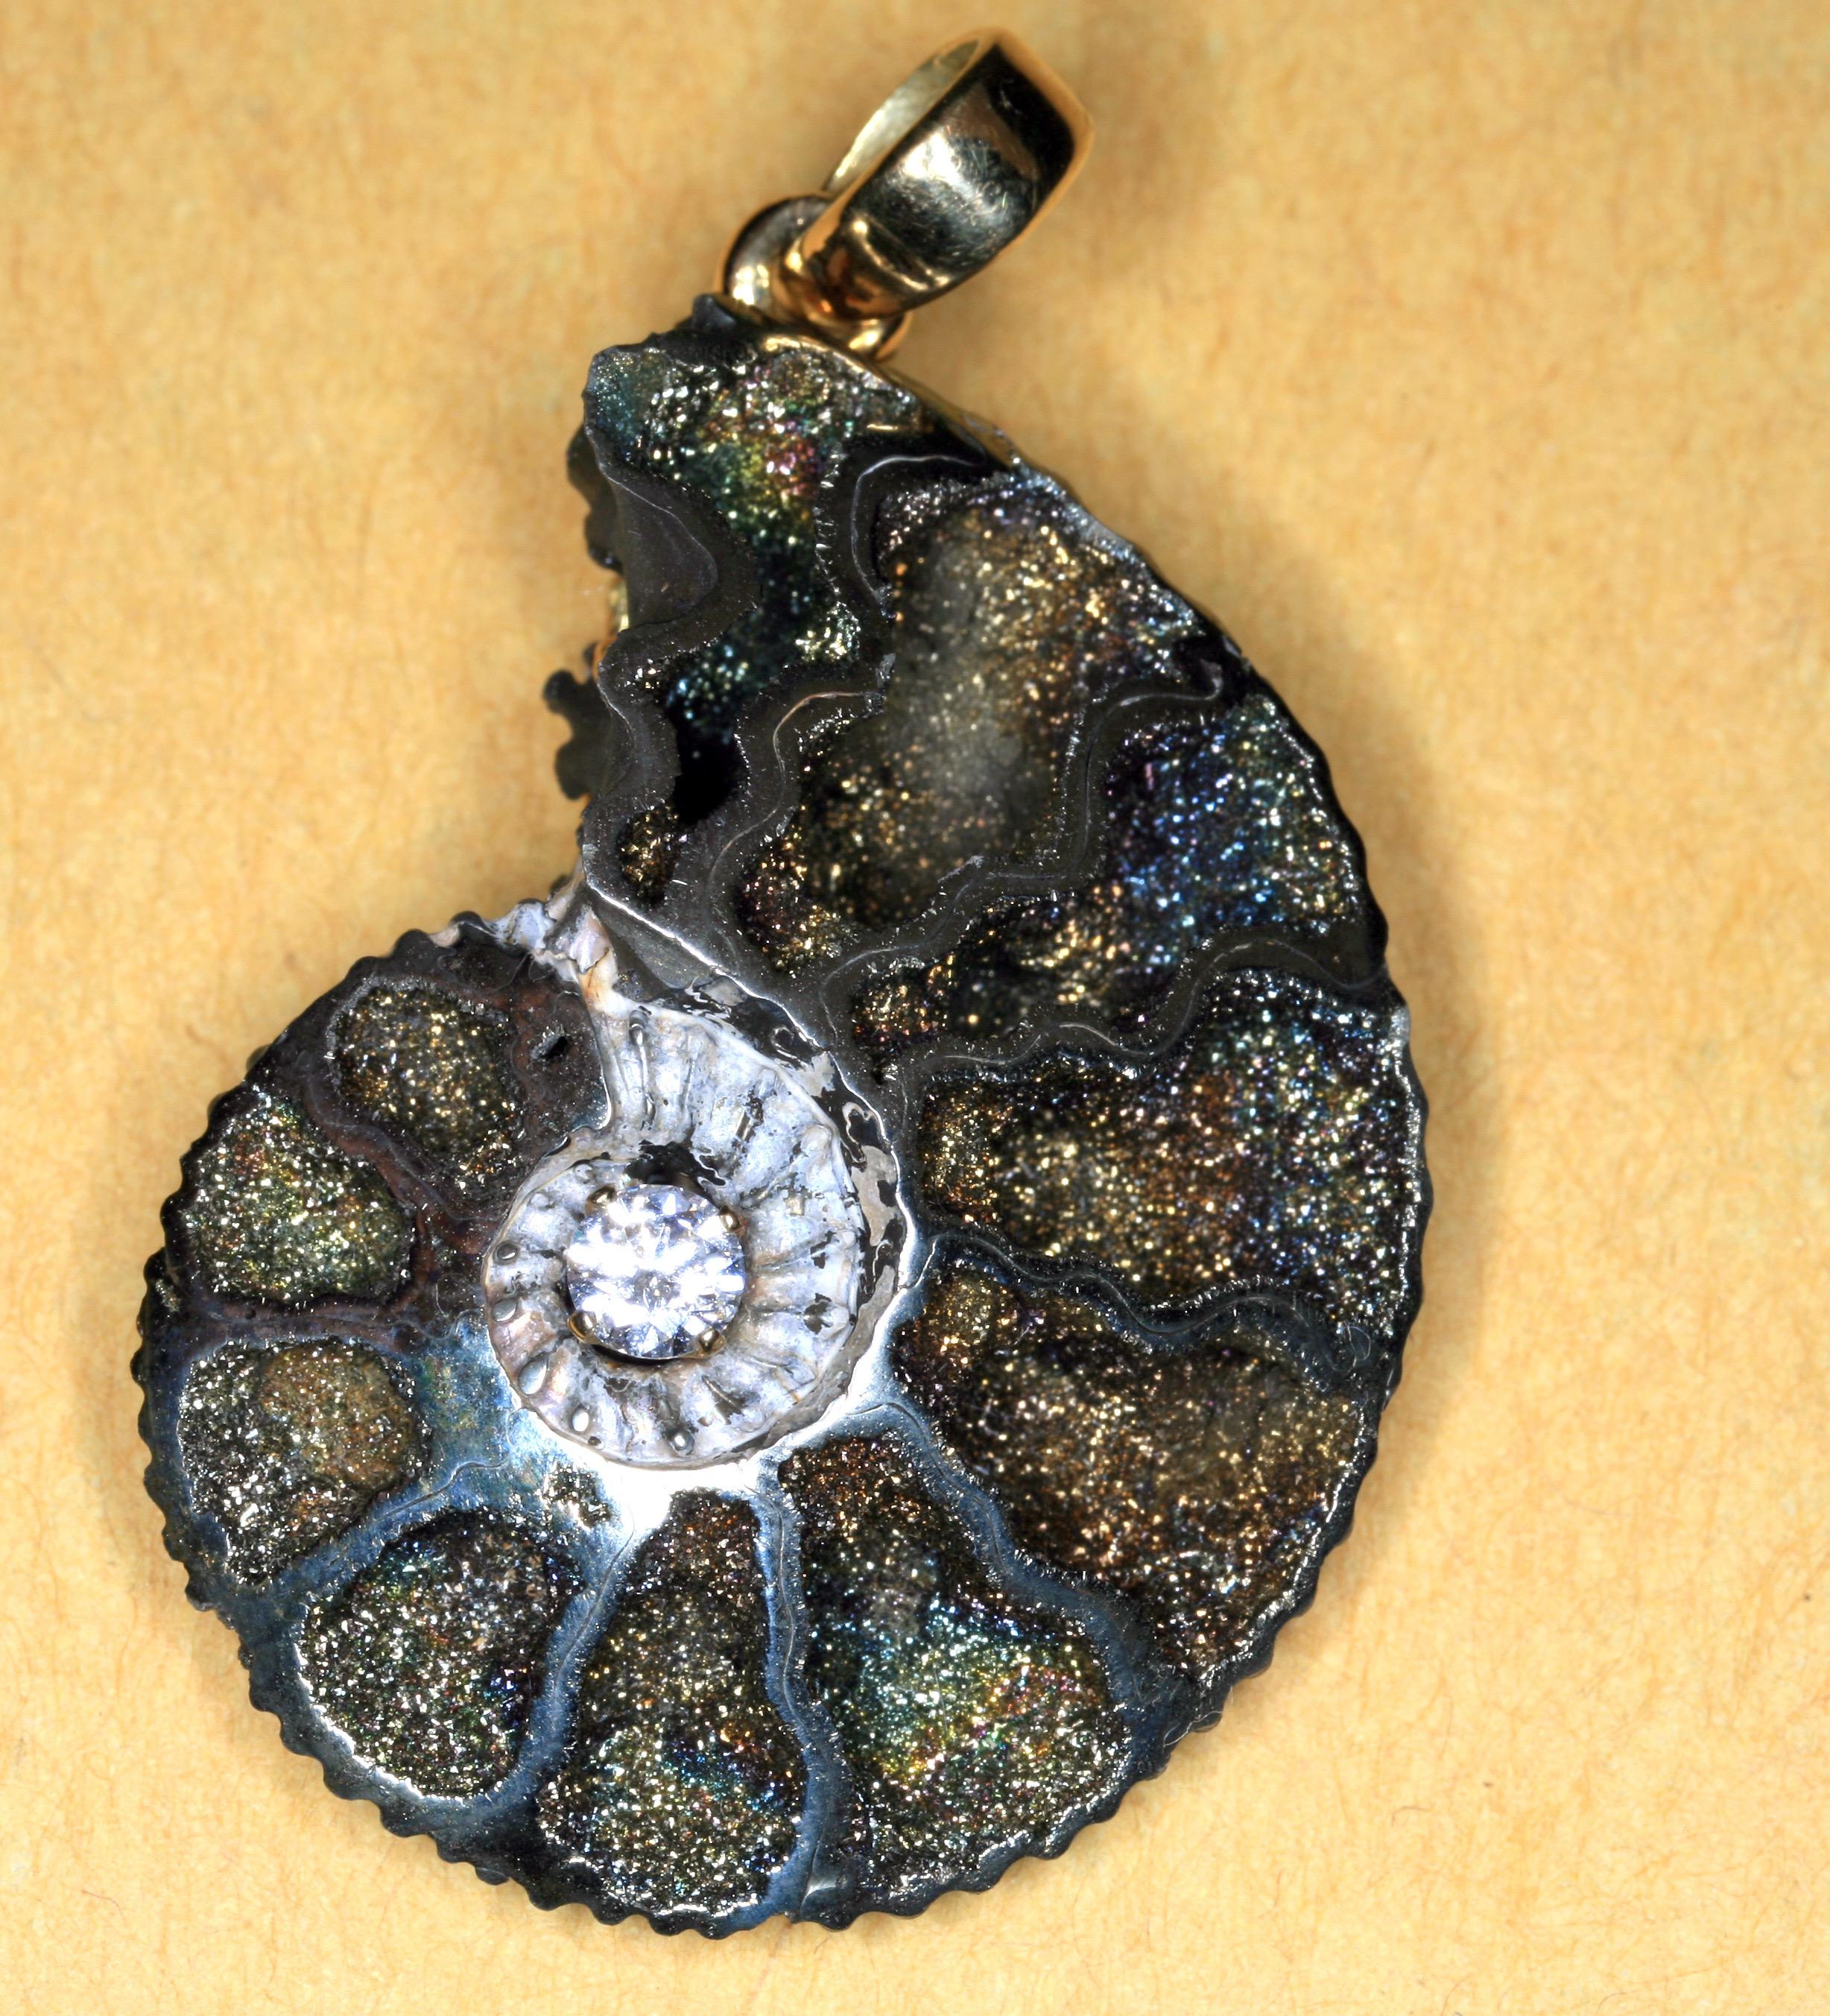 Pyritized Ammonite. Diamond. K18 Yellow Gold - Sold